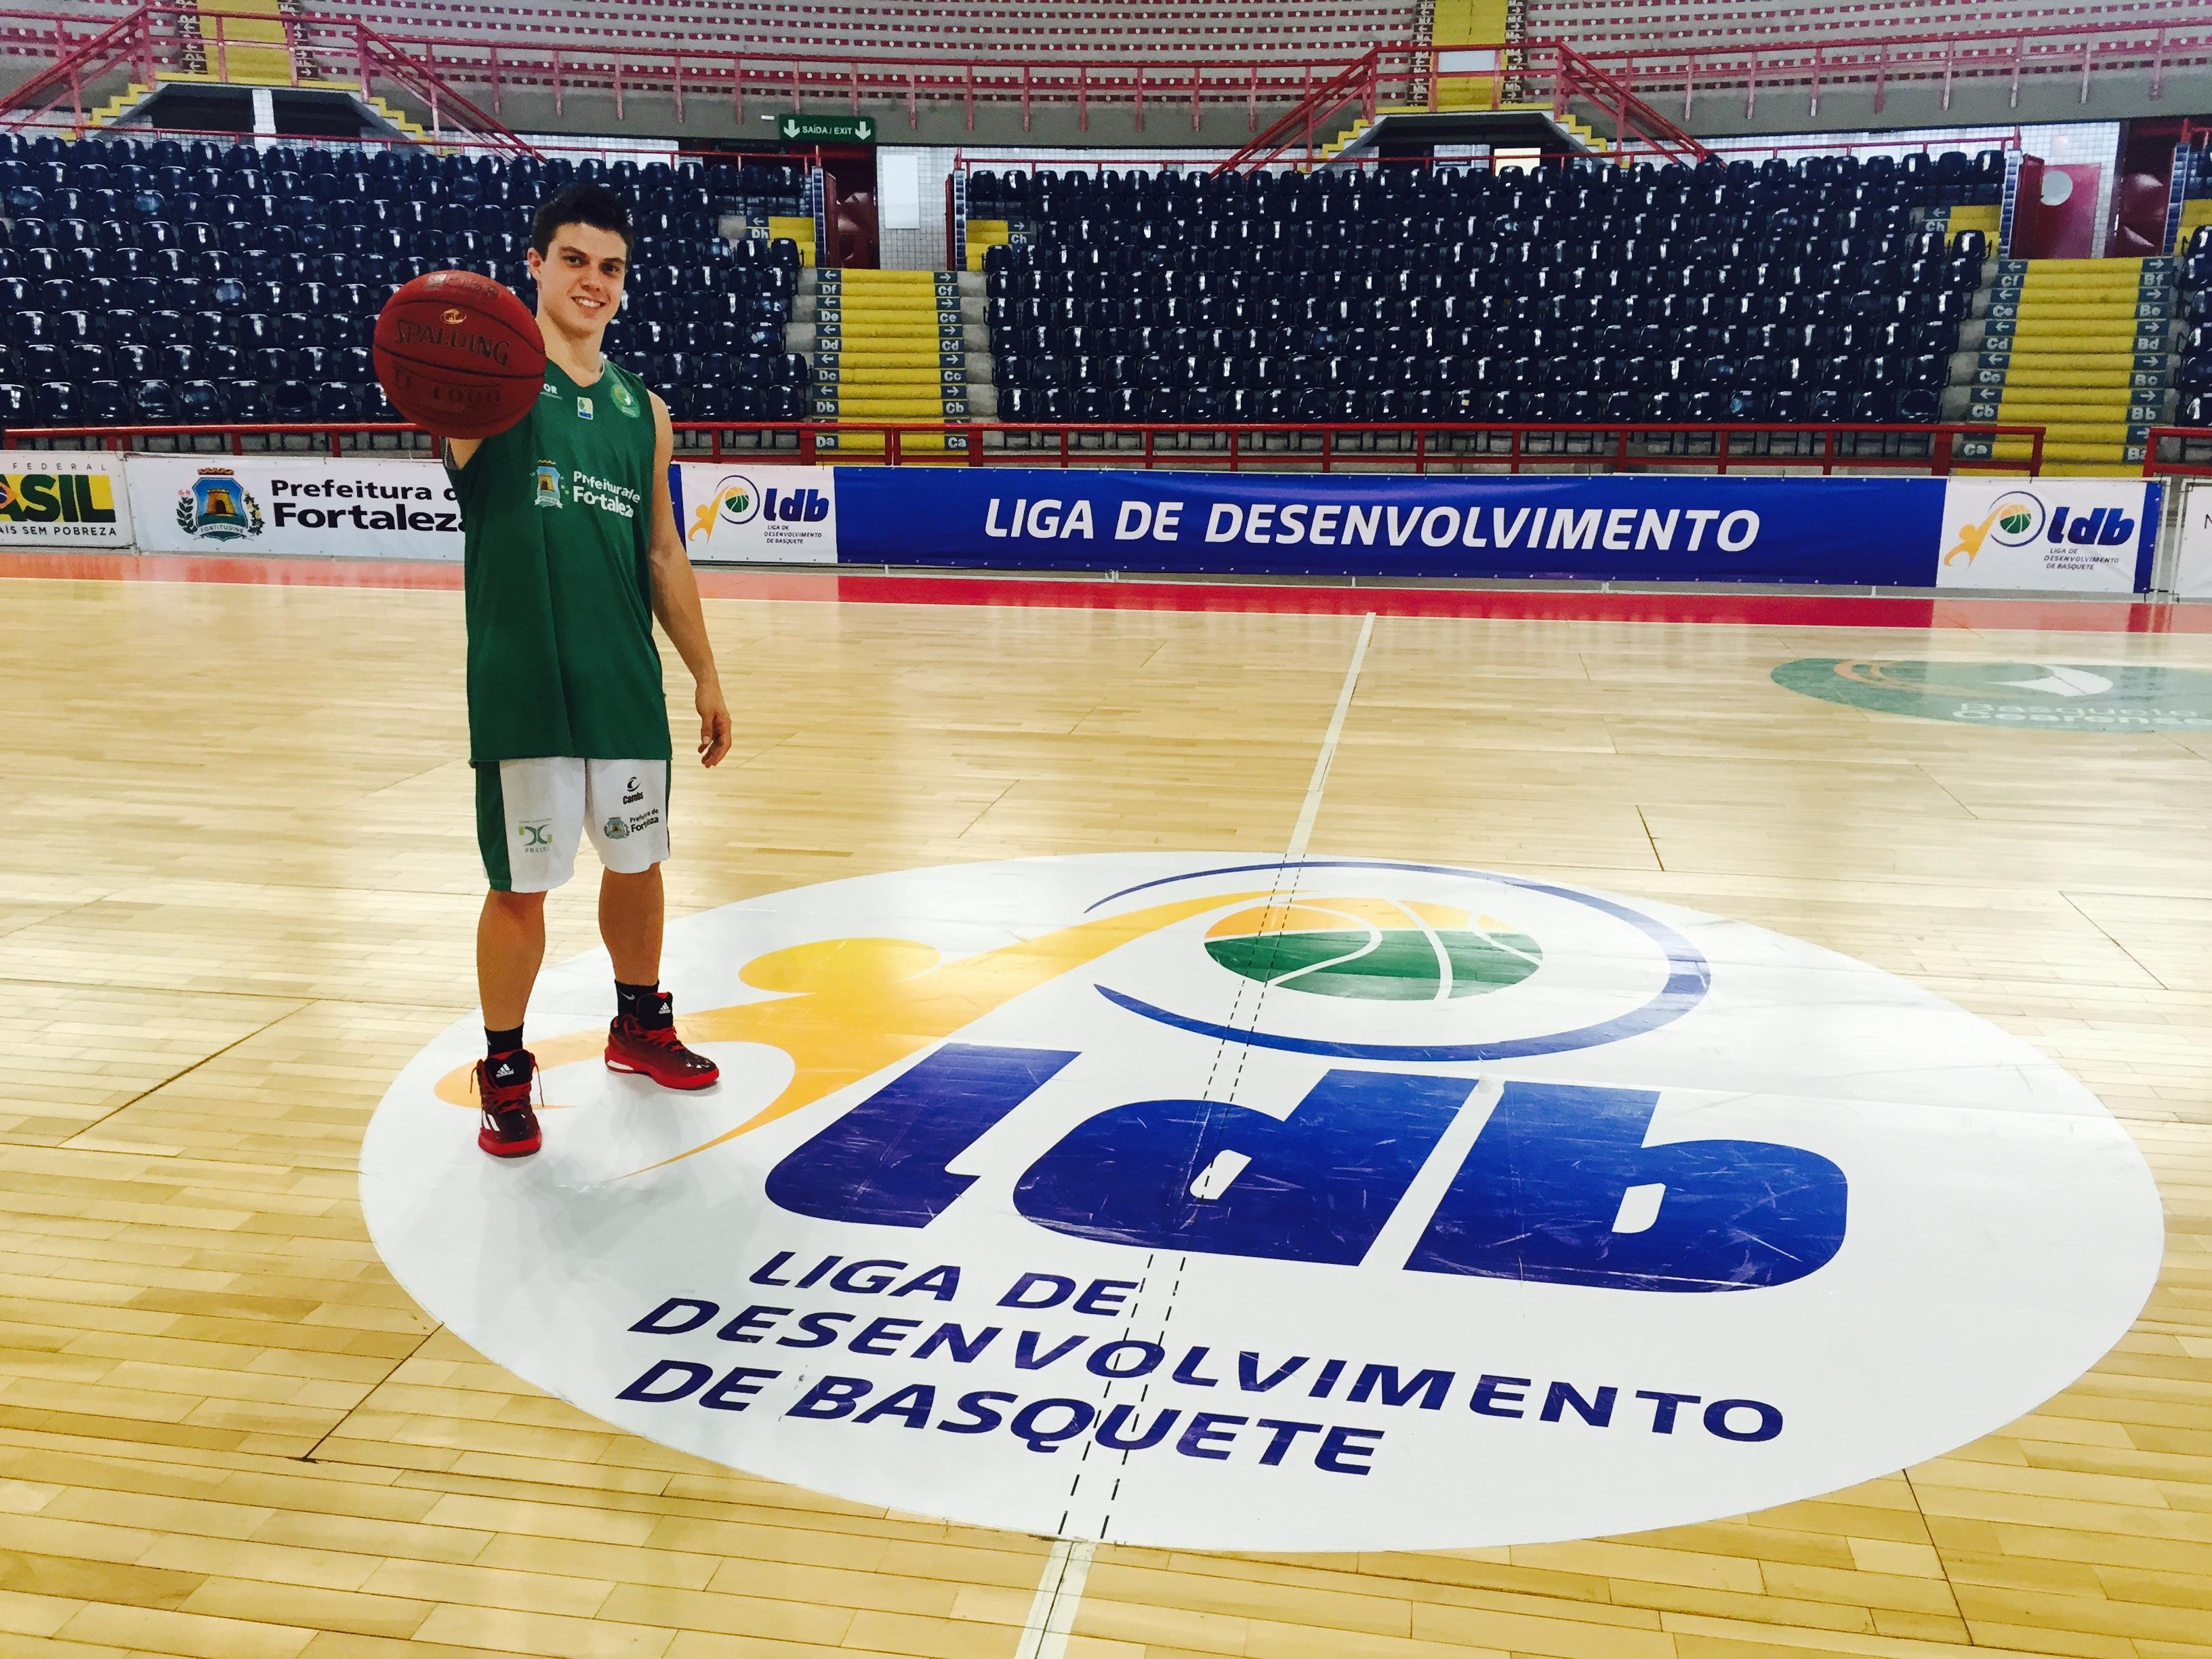 Davi Rossetto foi o capitão do time campeão na Liga de Desenvolvimento de Basquete (LDB) (FOTO: Lucas Catrib)